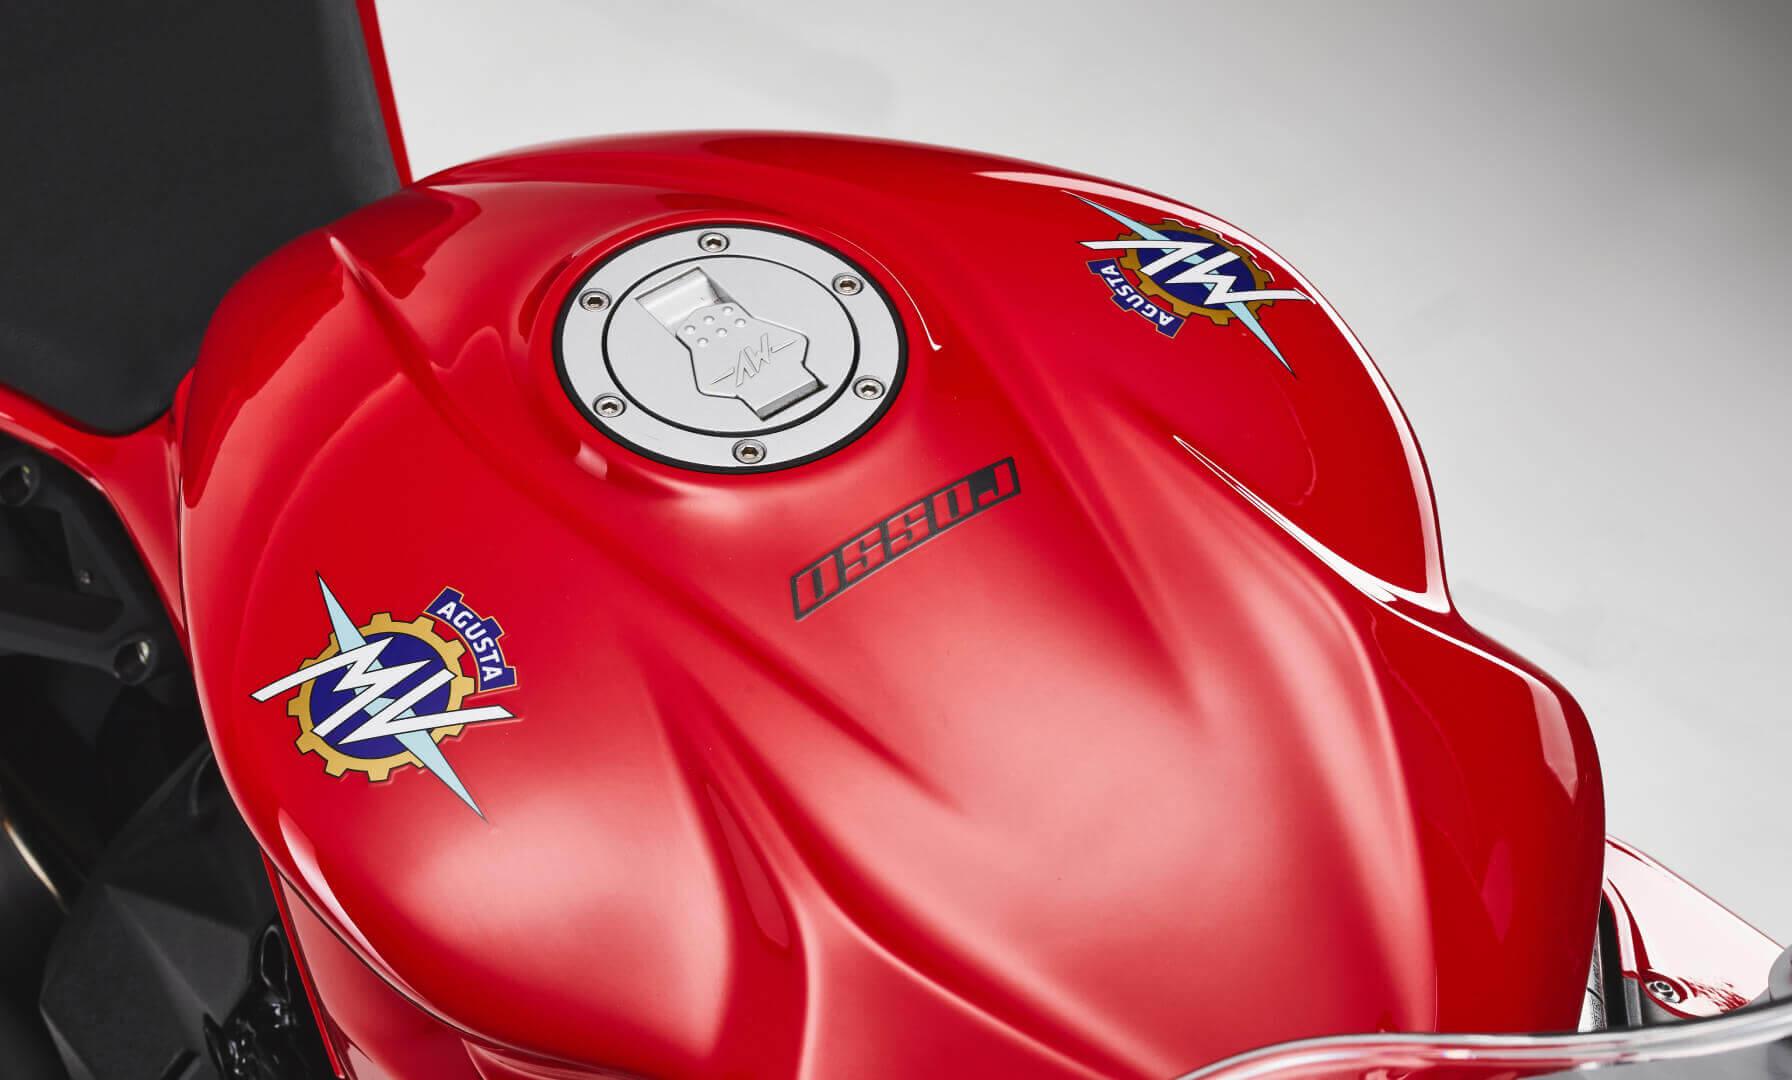 MV Agusta F3 F3-ros10